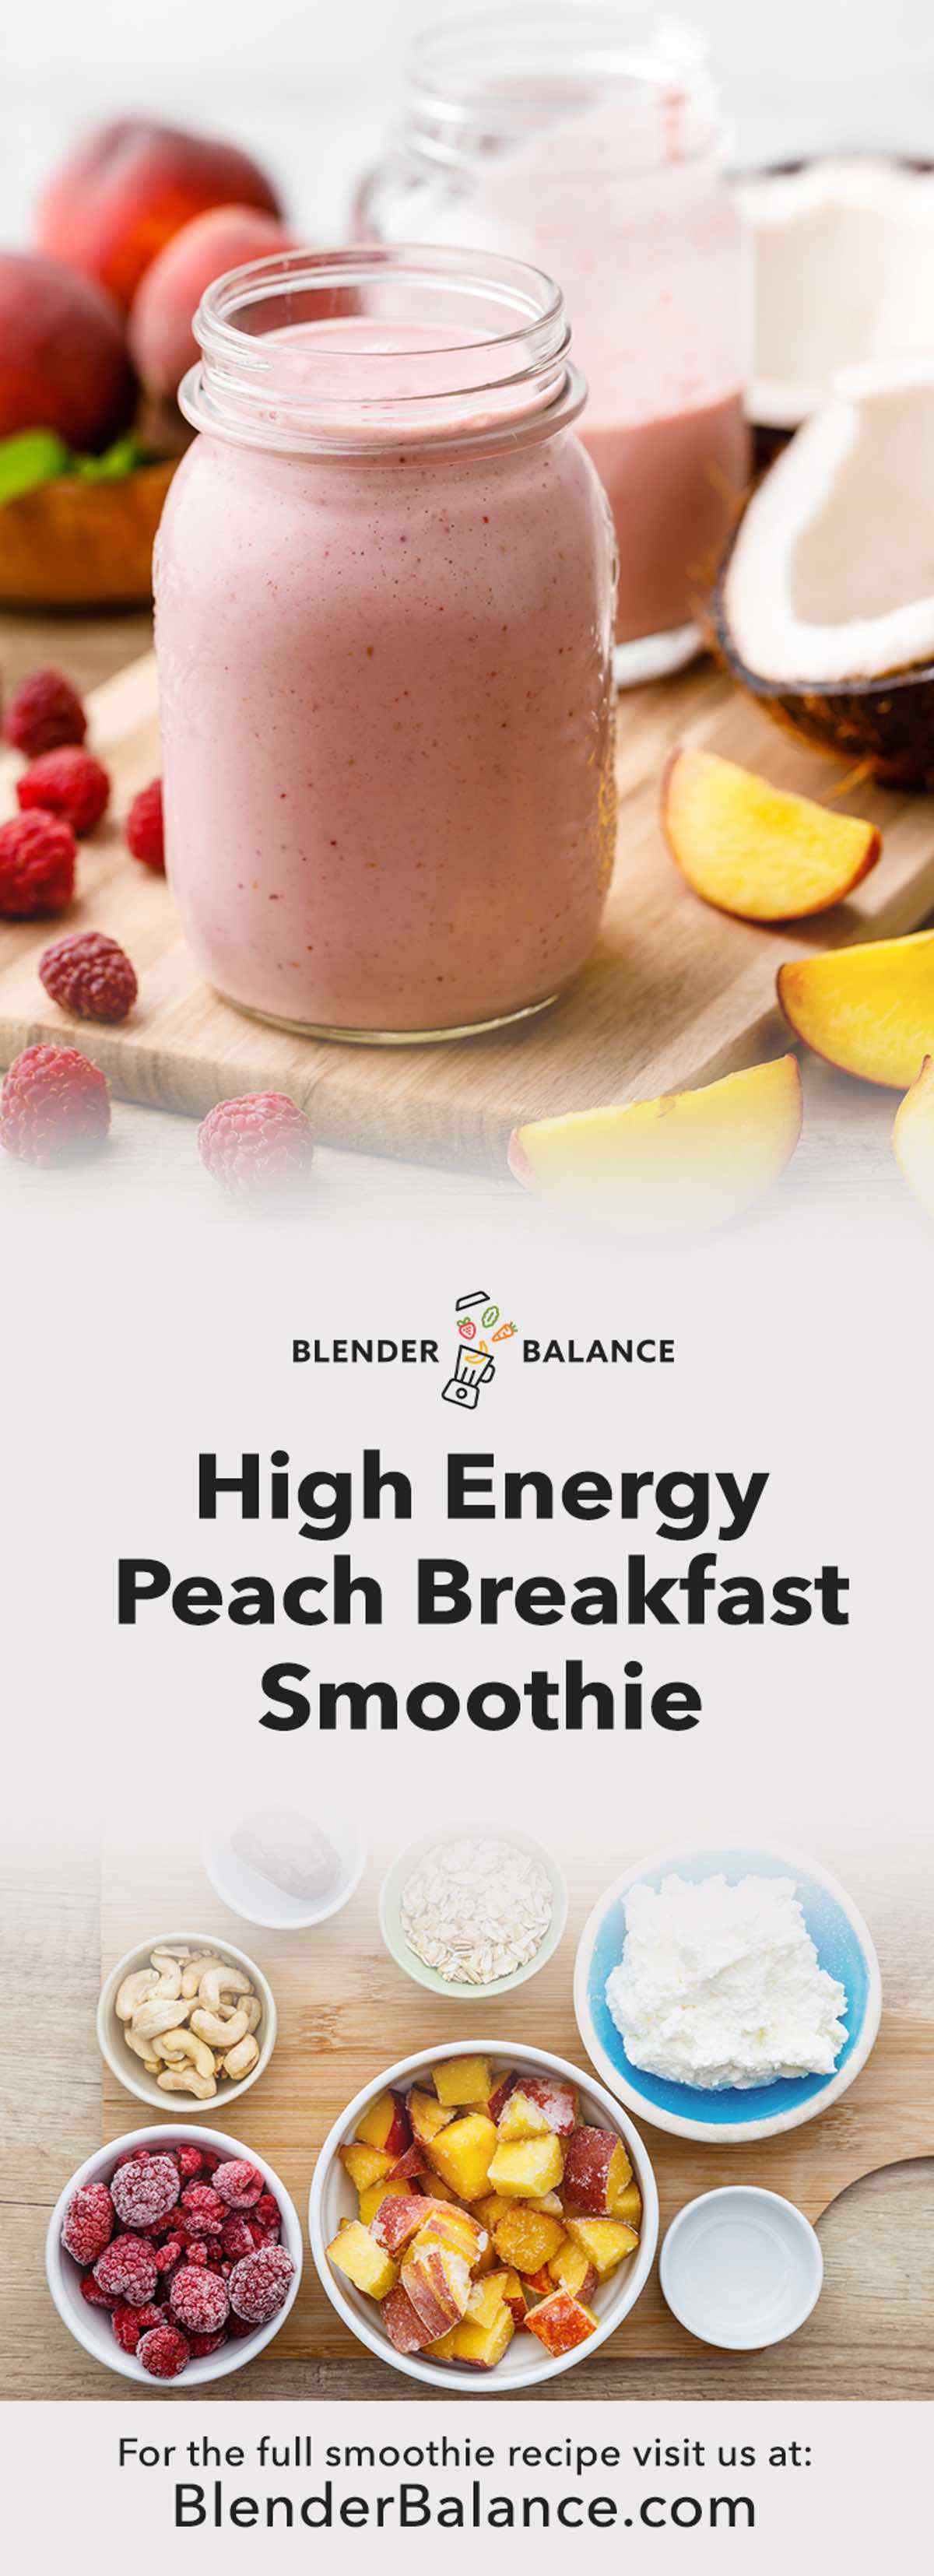 Peach Breakfast Smoothie